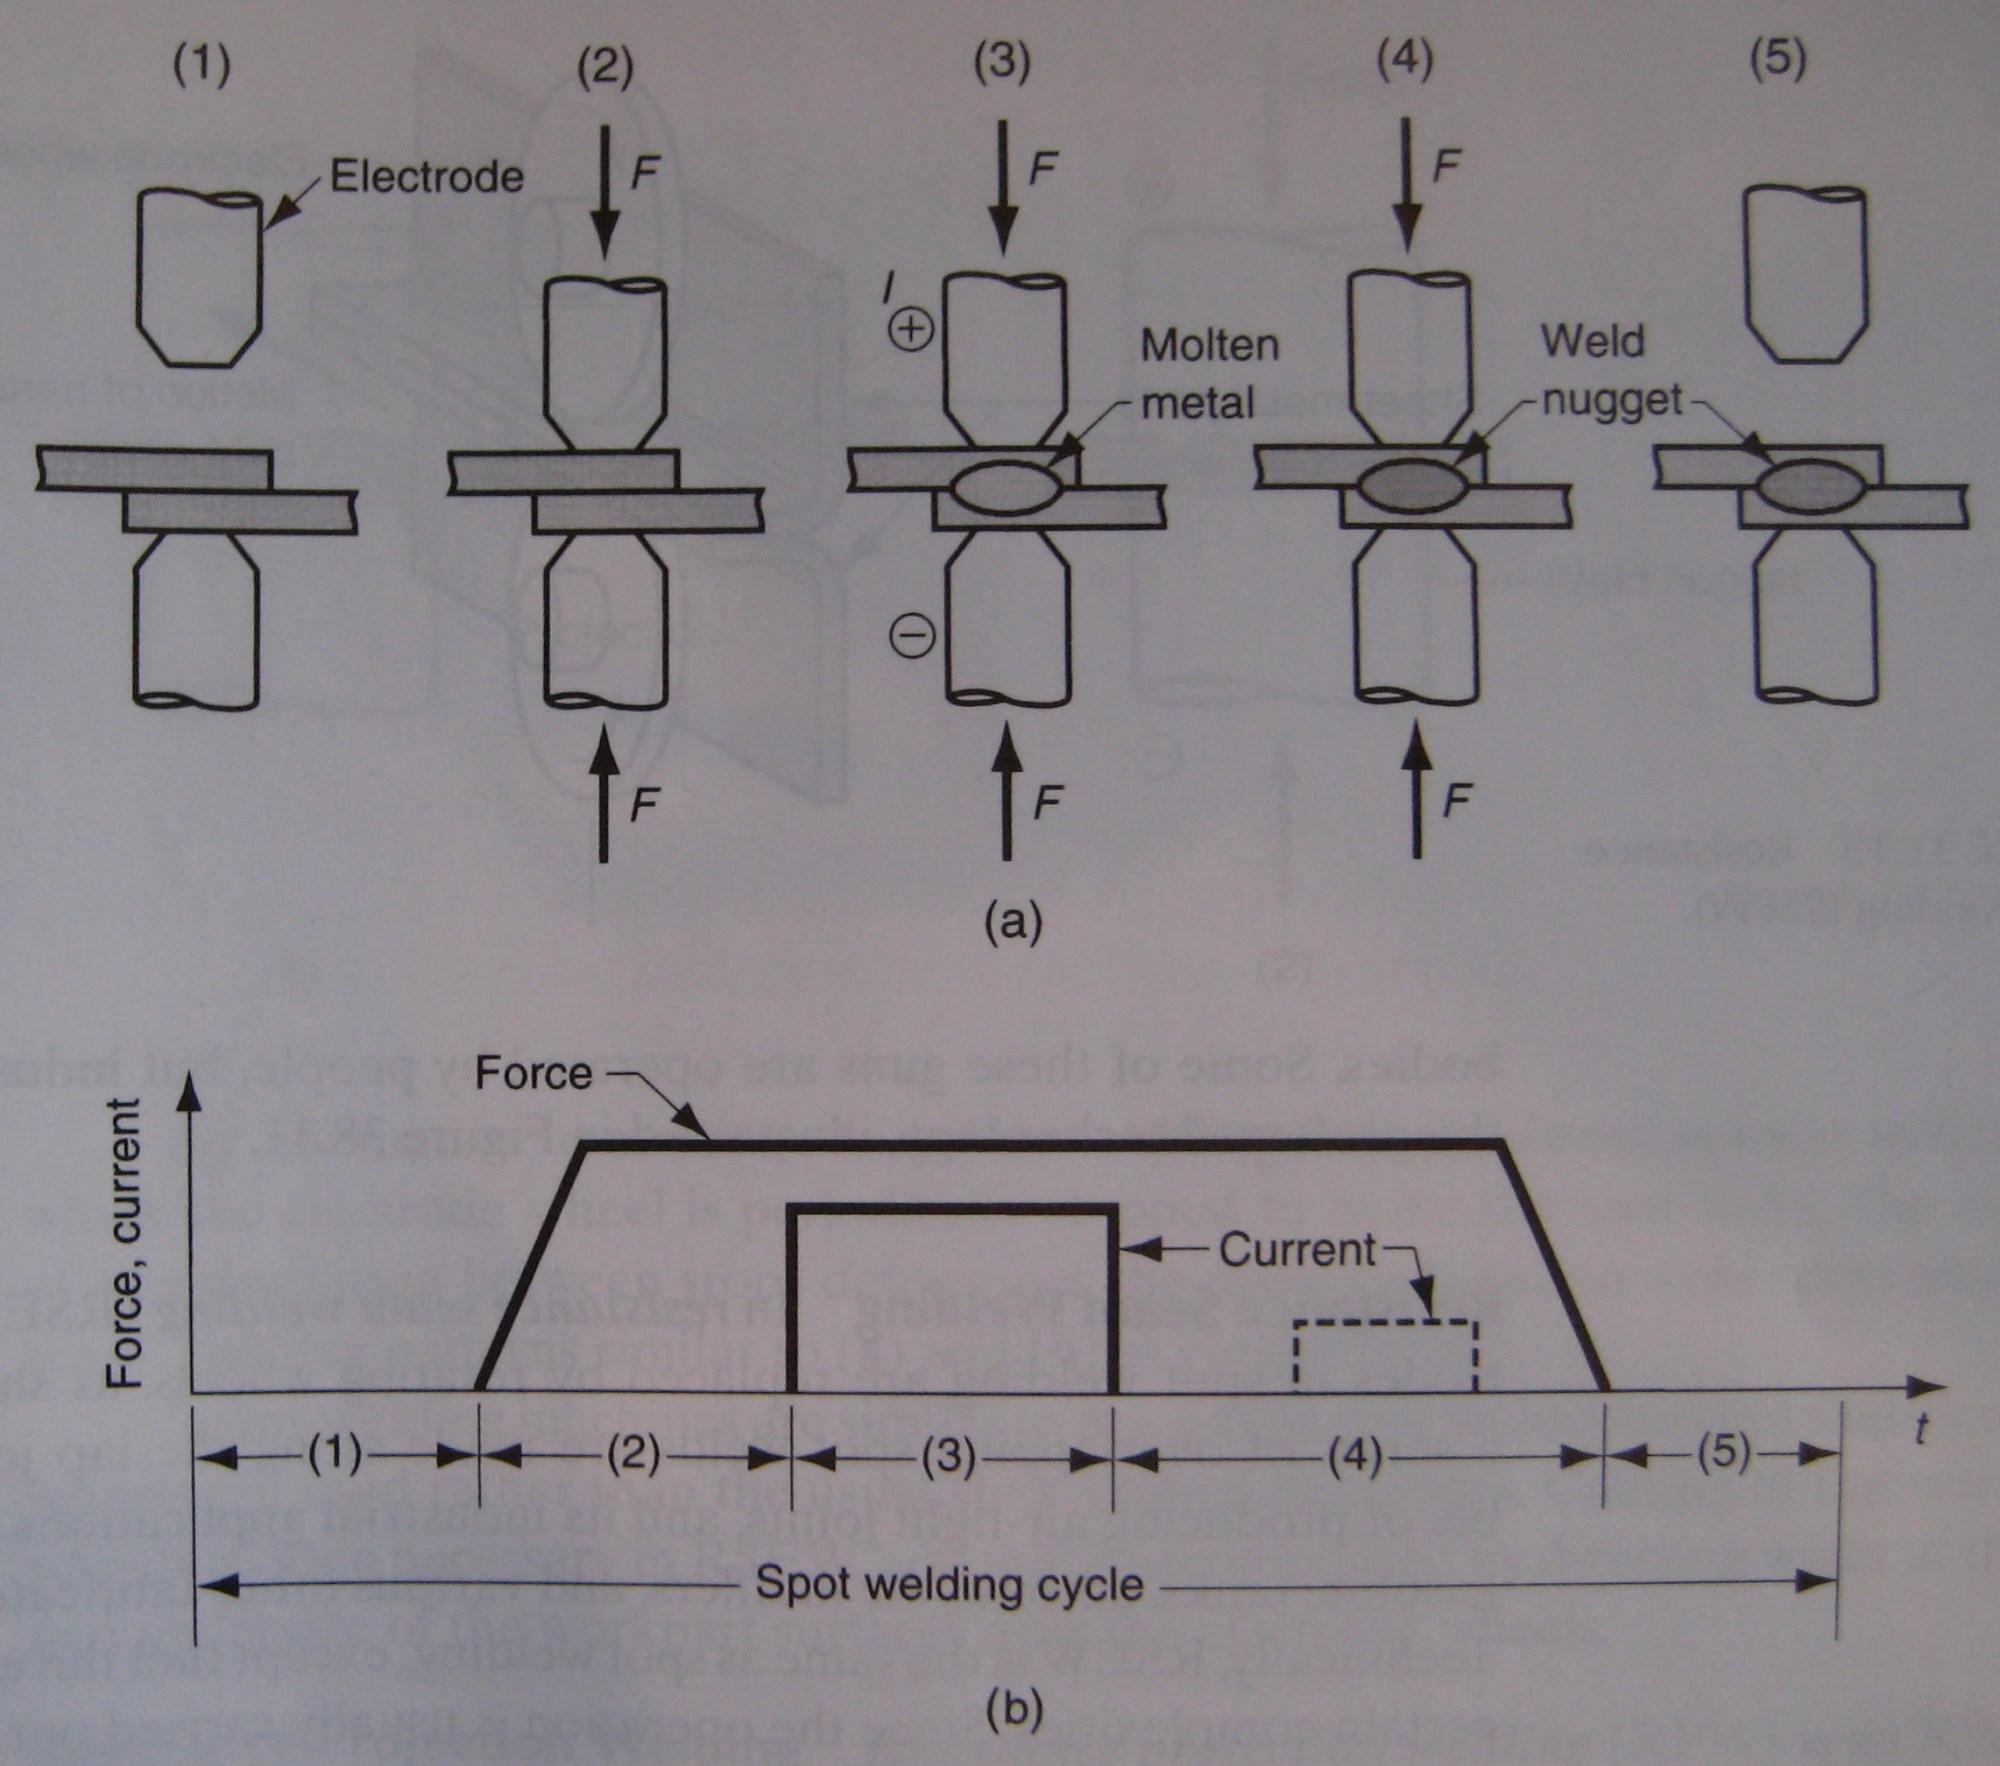 hight resolution of resistance spot welding